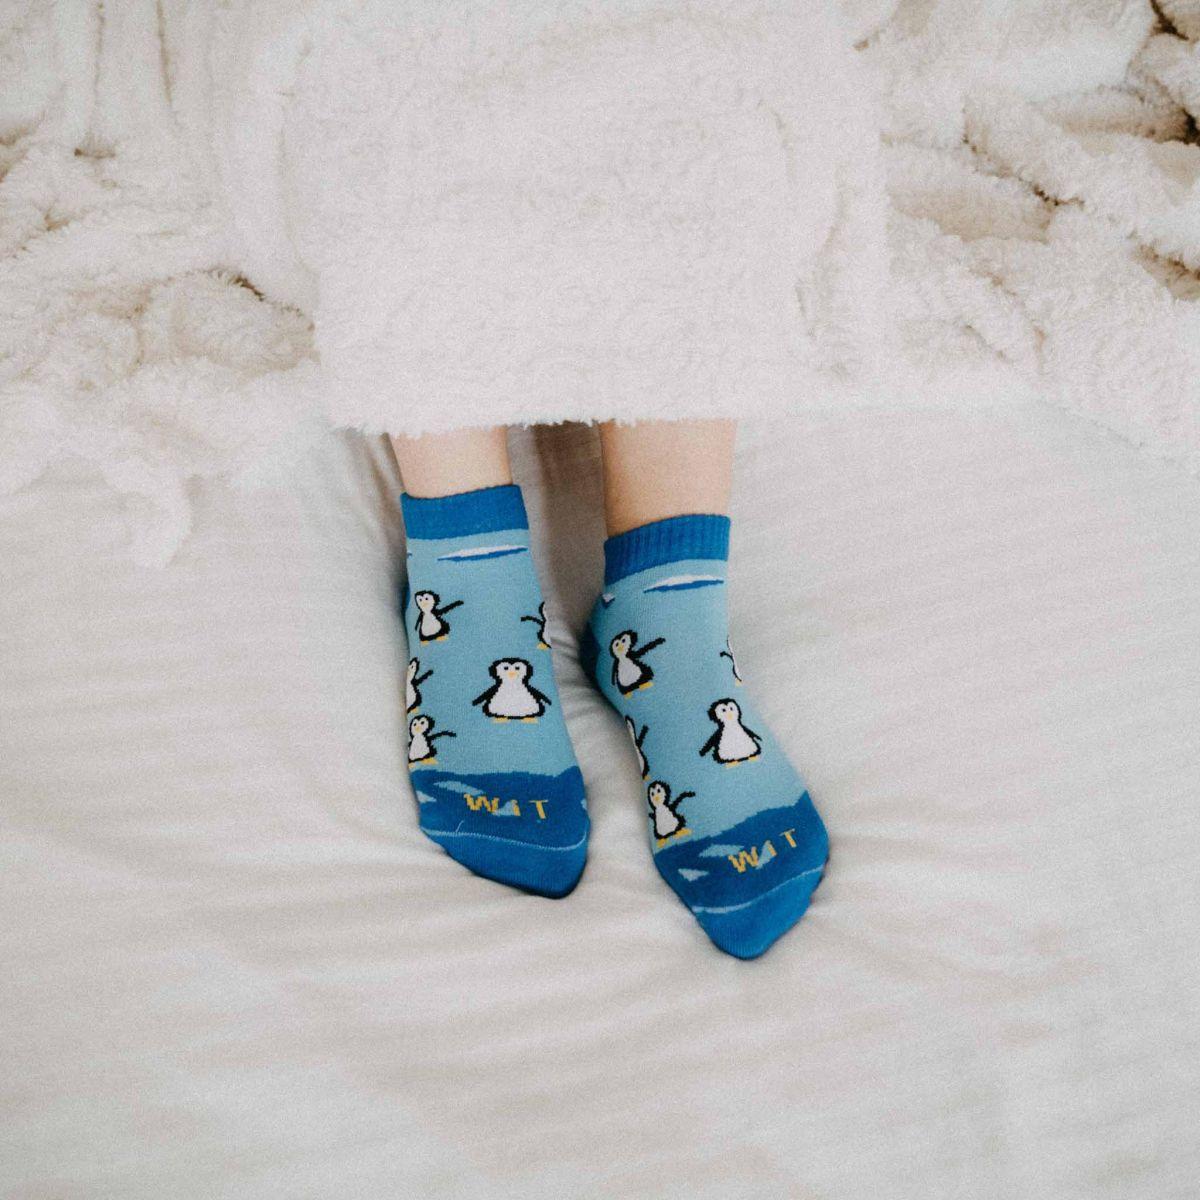 Ponožky - Tučňák nízké p3